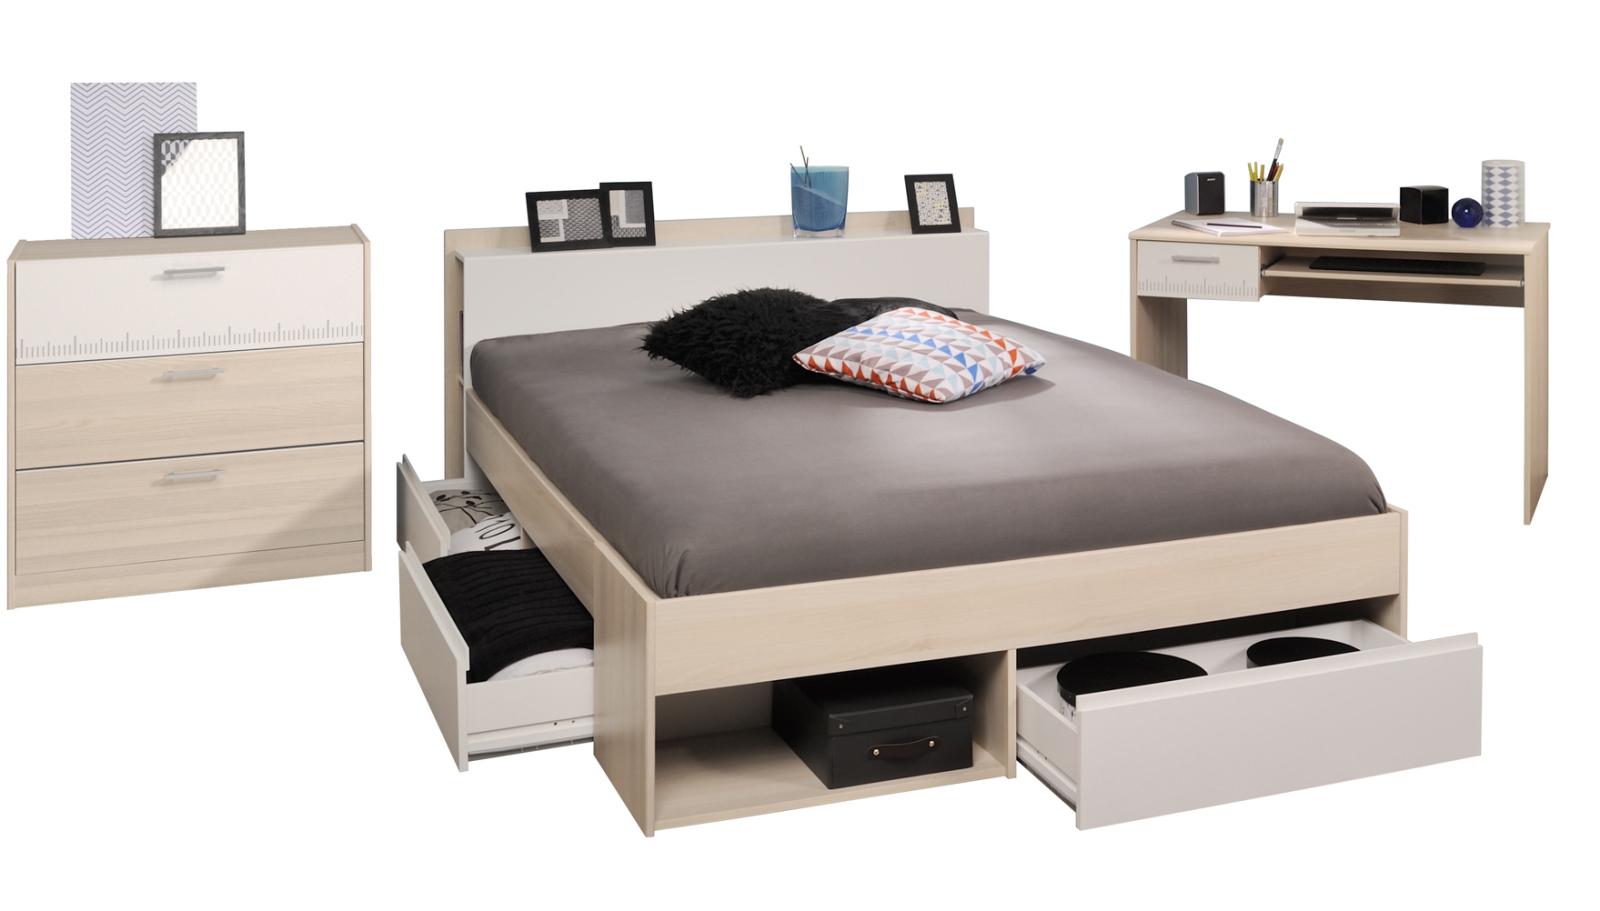 3 Teiliges Jugendzimmer Set Most 59 Akazie Weiß Kommode 140x200 Cm